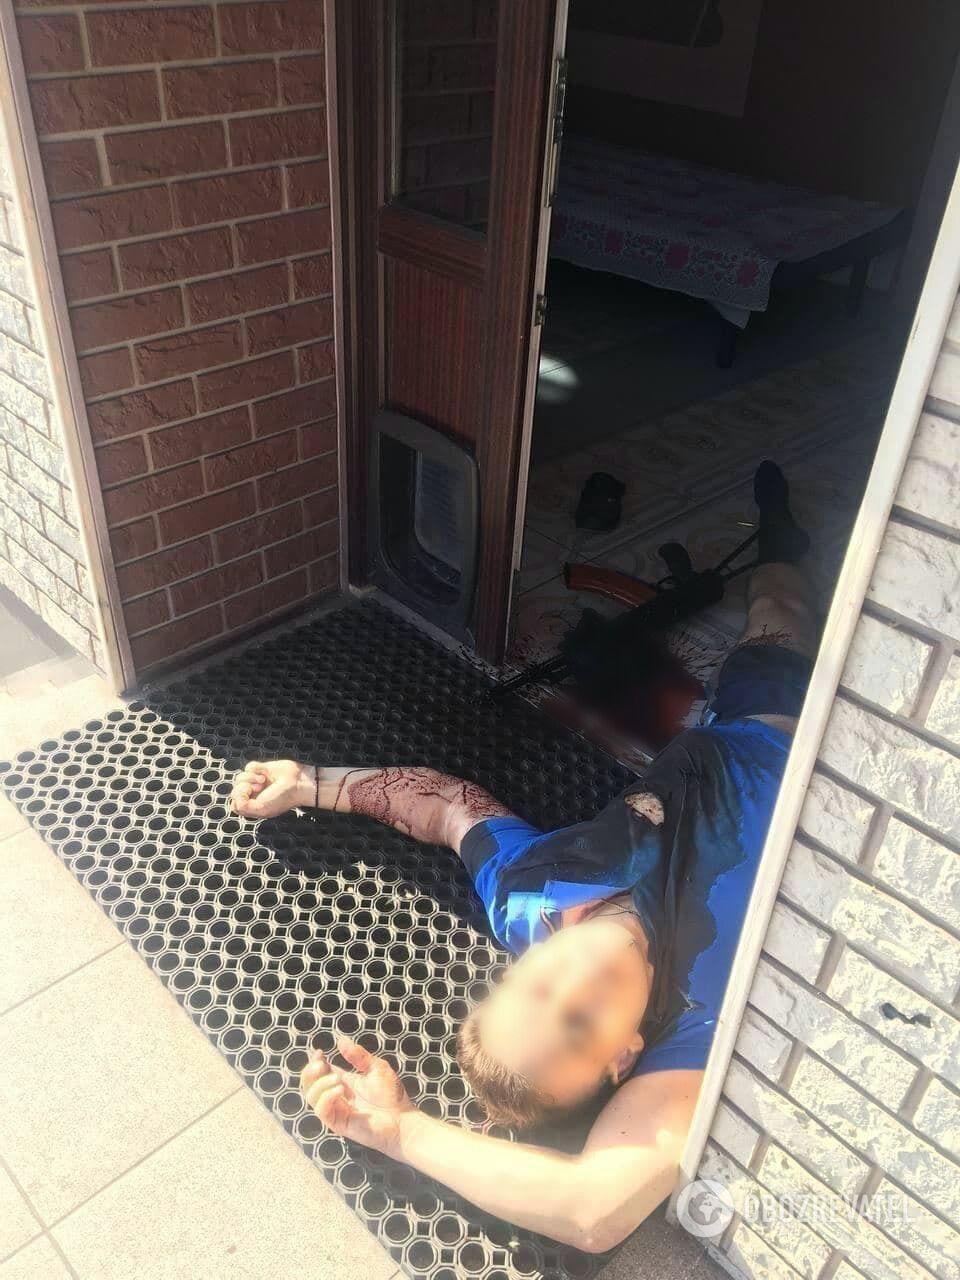 Павлова нашли мертвым в собственном доме.